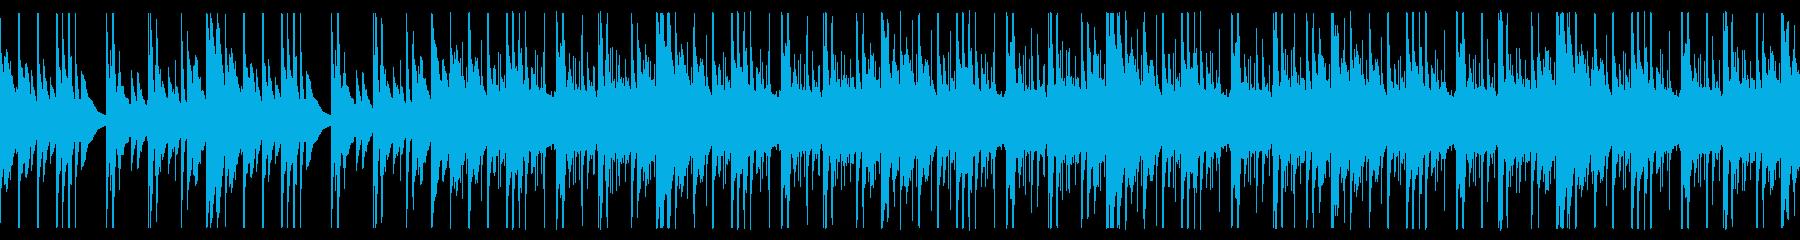 ほのぼのしたアウトドア系キャンプBGMの再生済みの波形